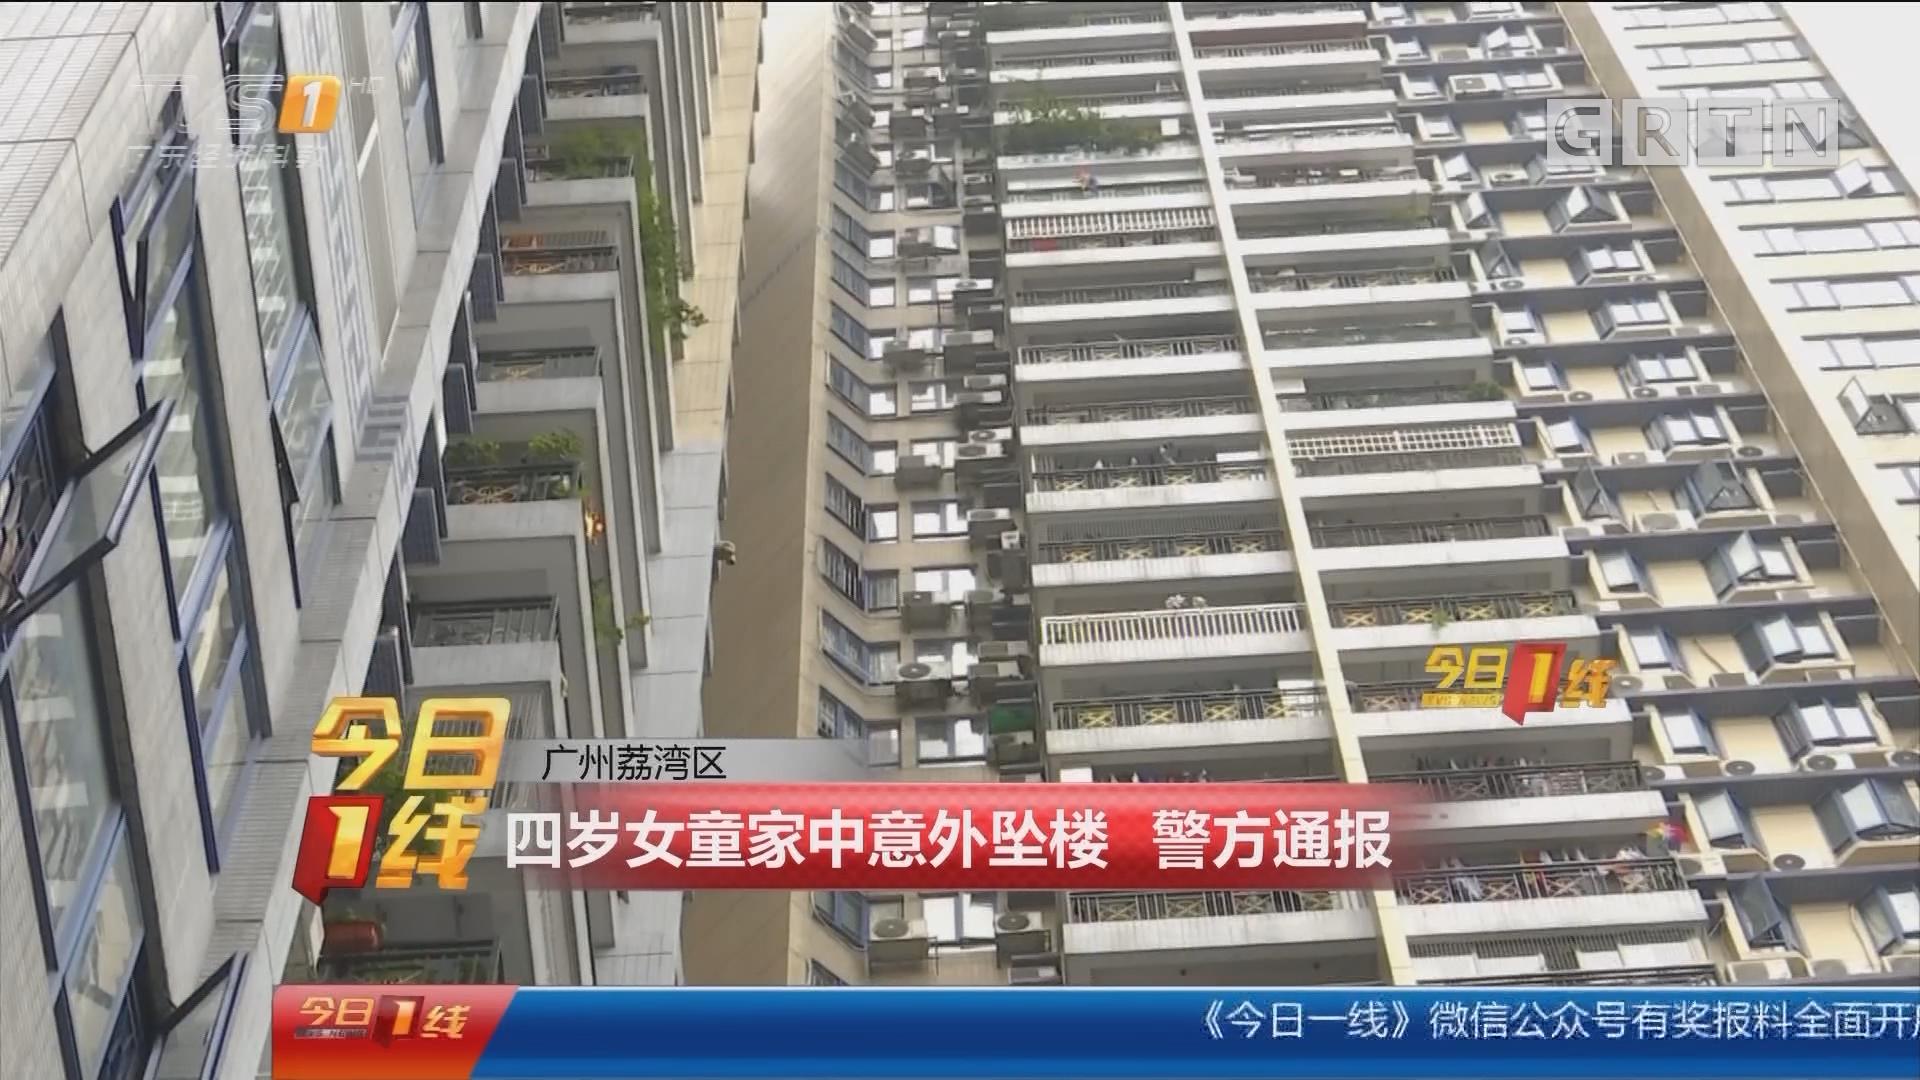 广州荔湾区:四岁女童家中意外坠楼 警方通报